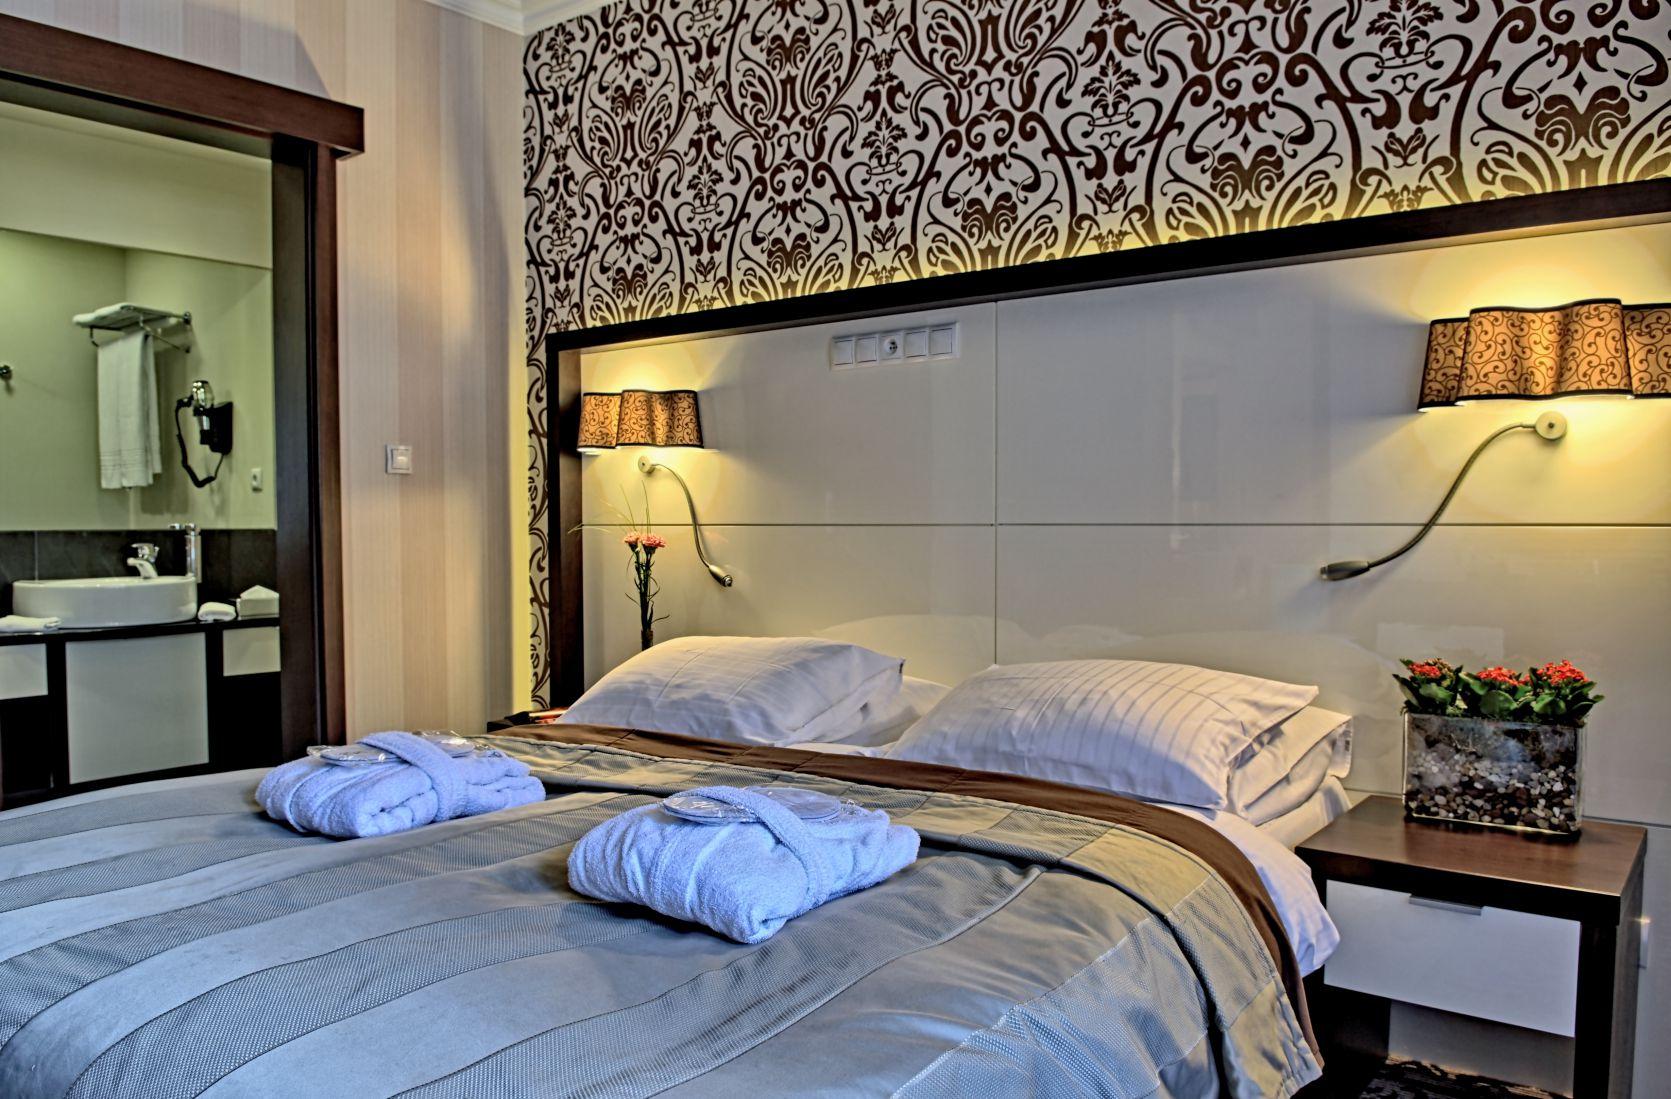 Hotel Czarny Potok posiada 236 przestronnych i klimatyzowanych pokoi z widokiem na potok